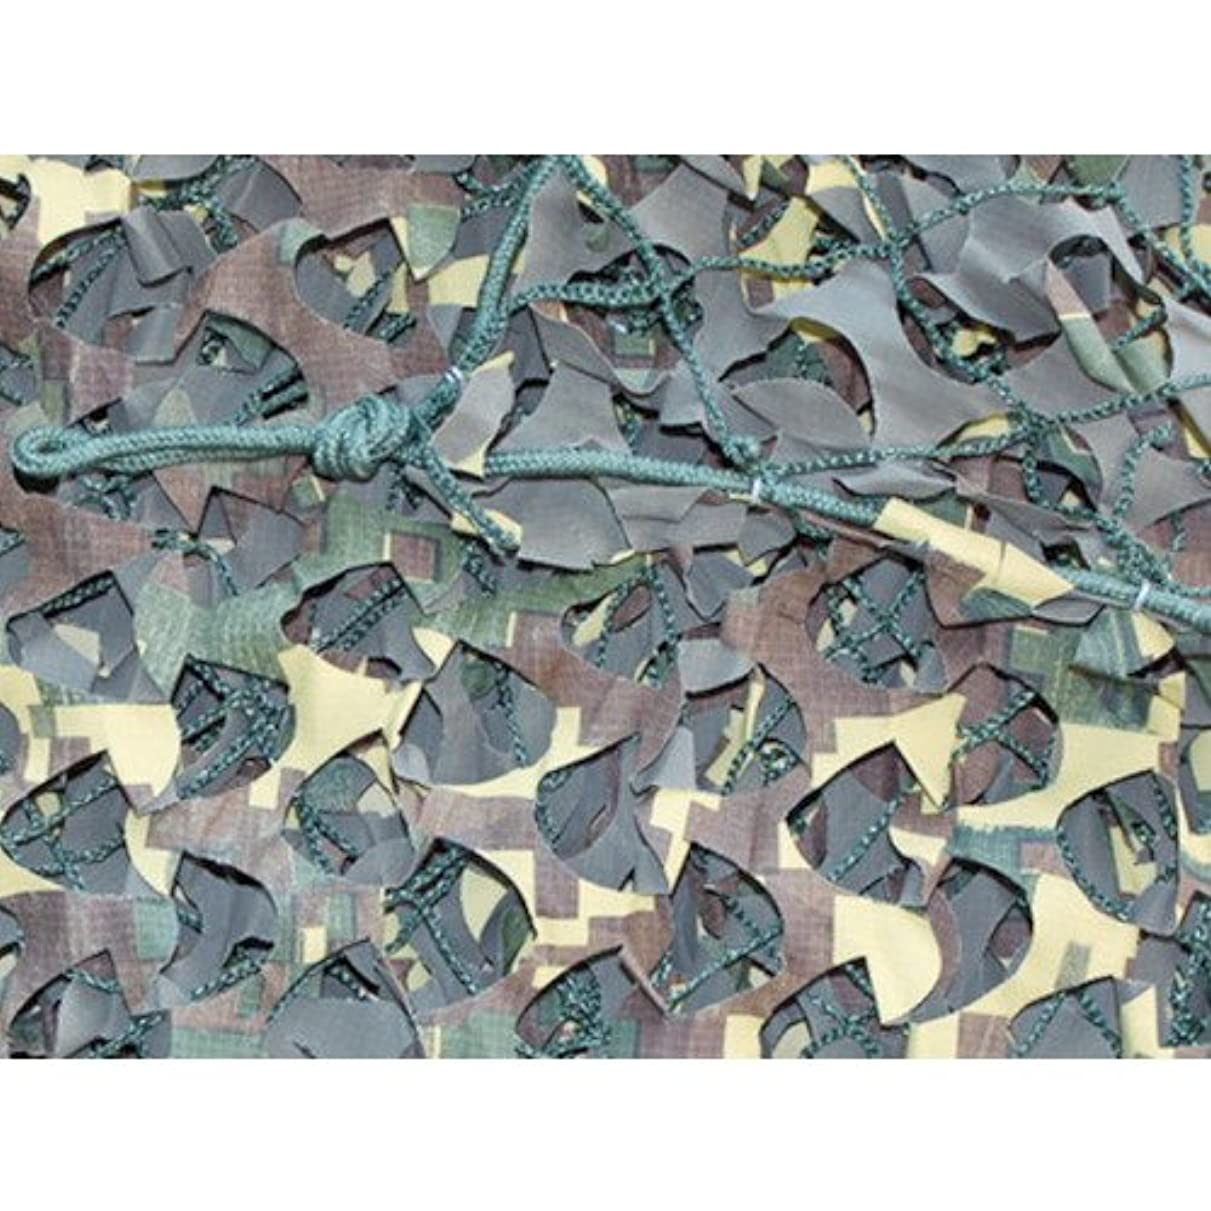 湿度ソフィー生息地トラスコ中山 CAMO スペシャリスト レギュラーXミリタリー キラーカモ 1.8mX6m KK08